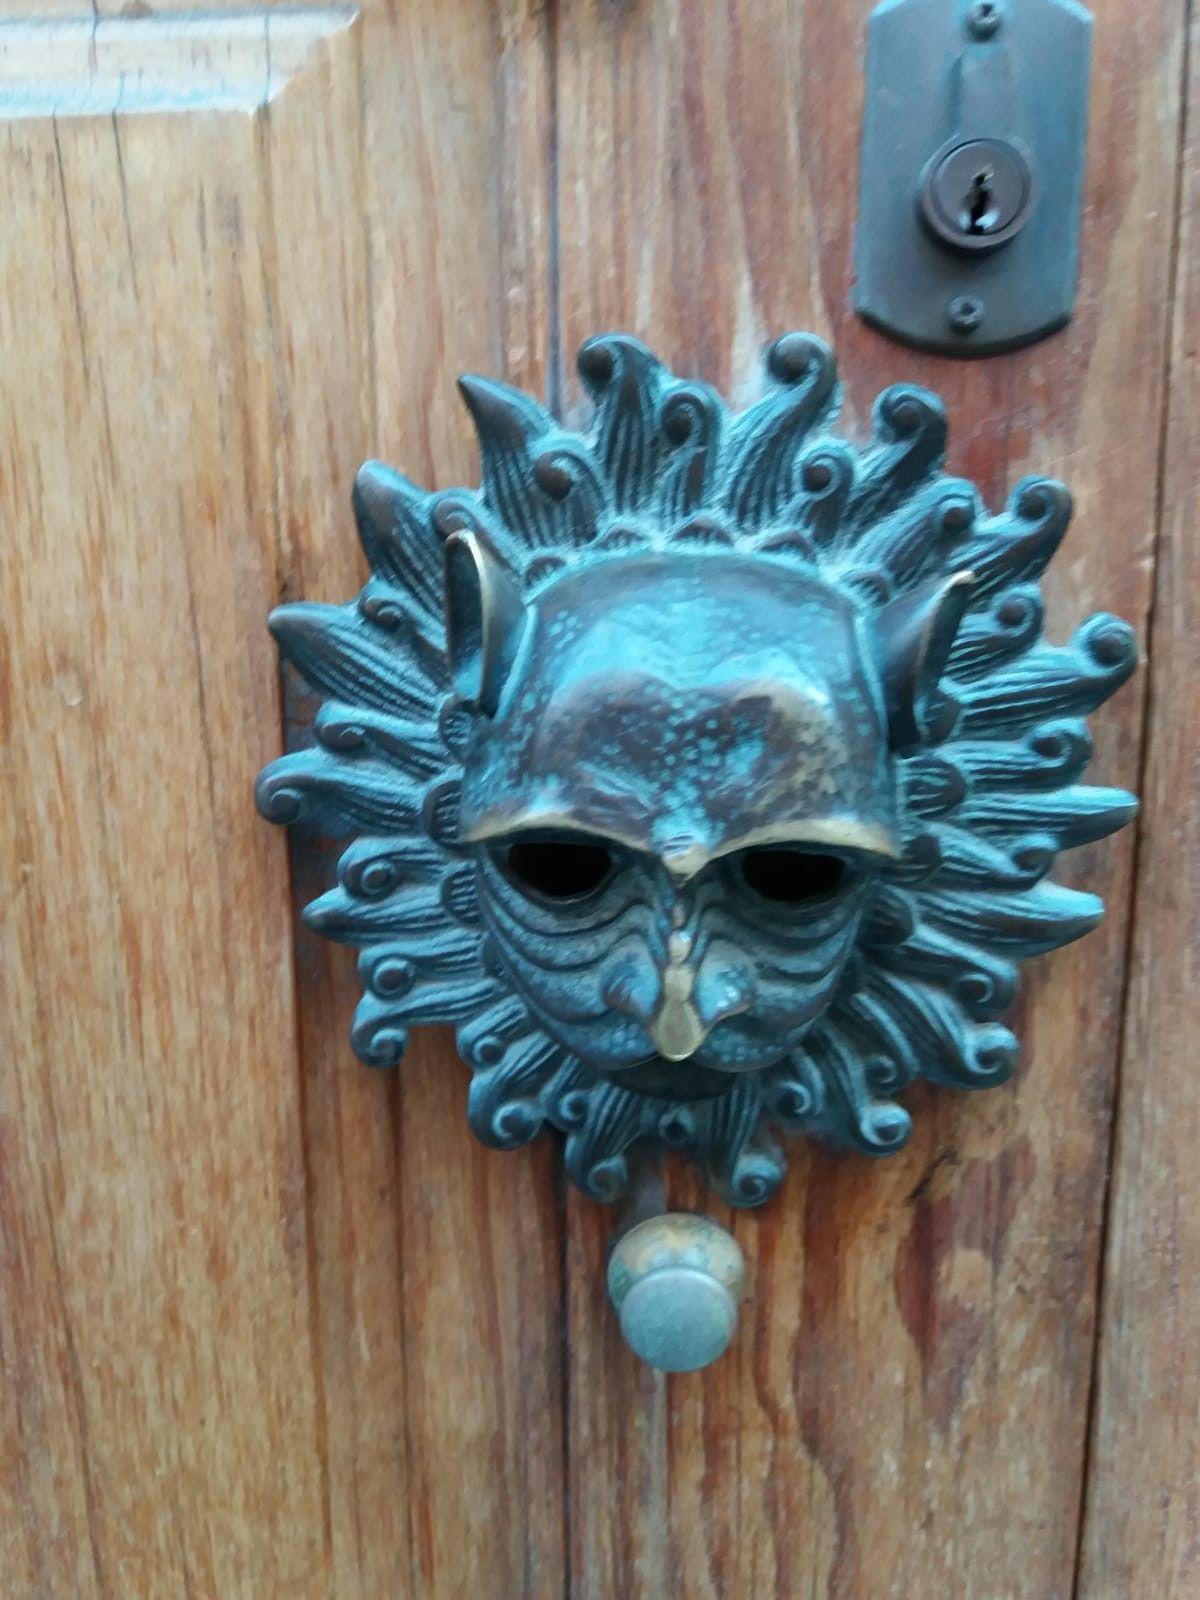 Pin de Ismael Camarero en Puertas, cerraduras y aldabas